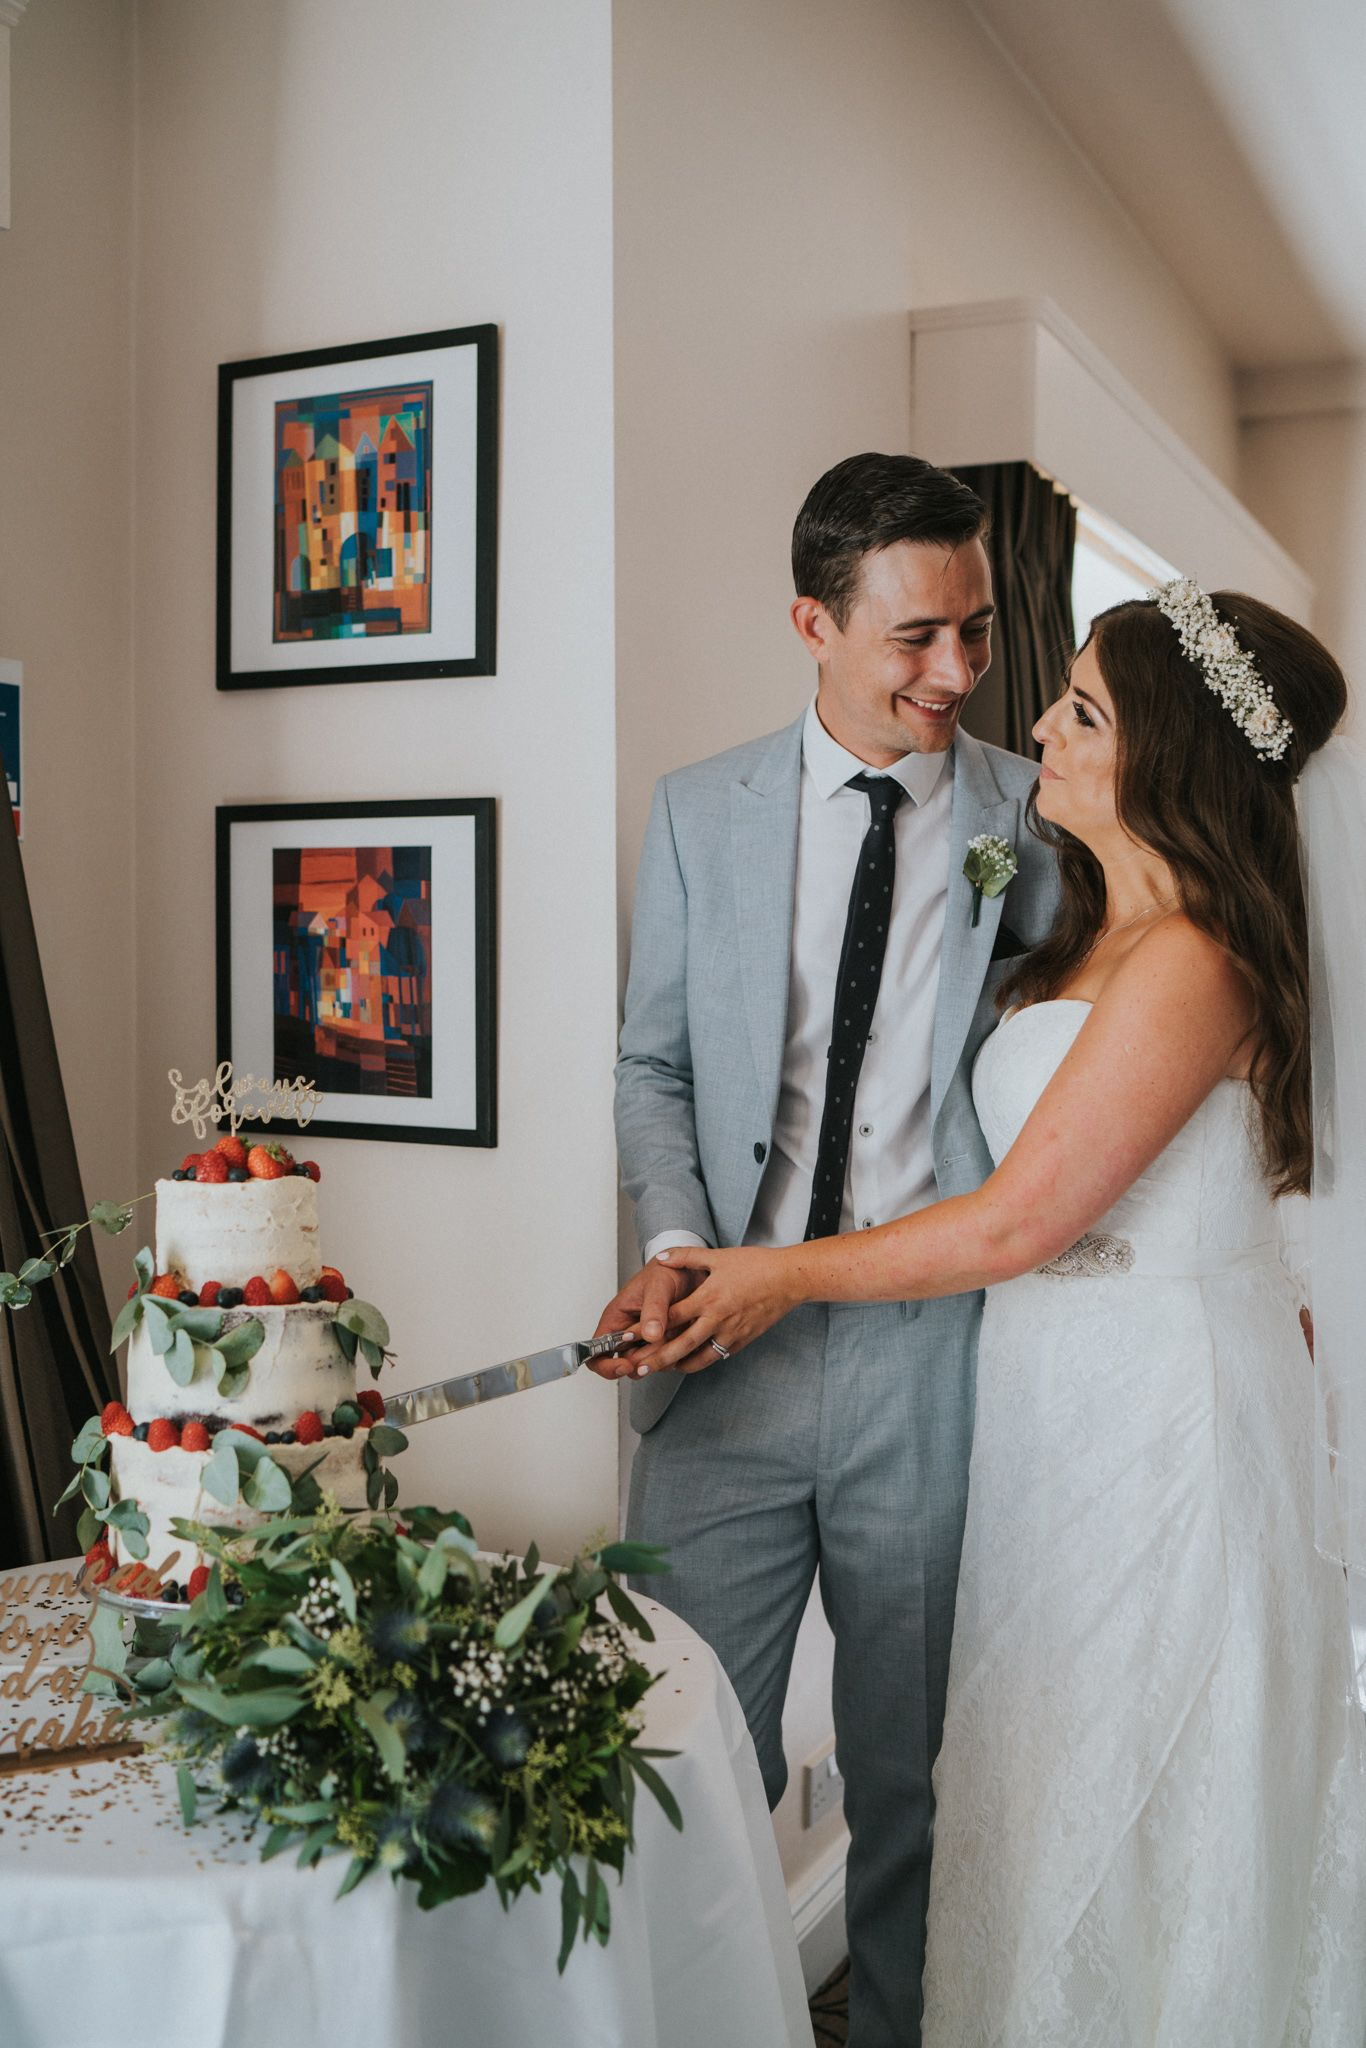 Beautifully romantic wedding on a diy budget cutting the wedding